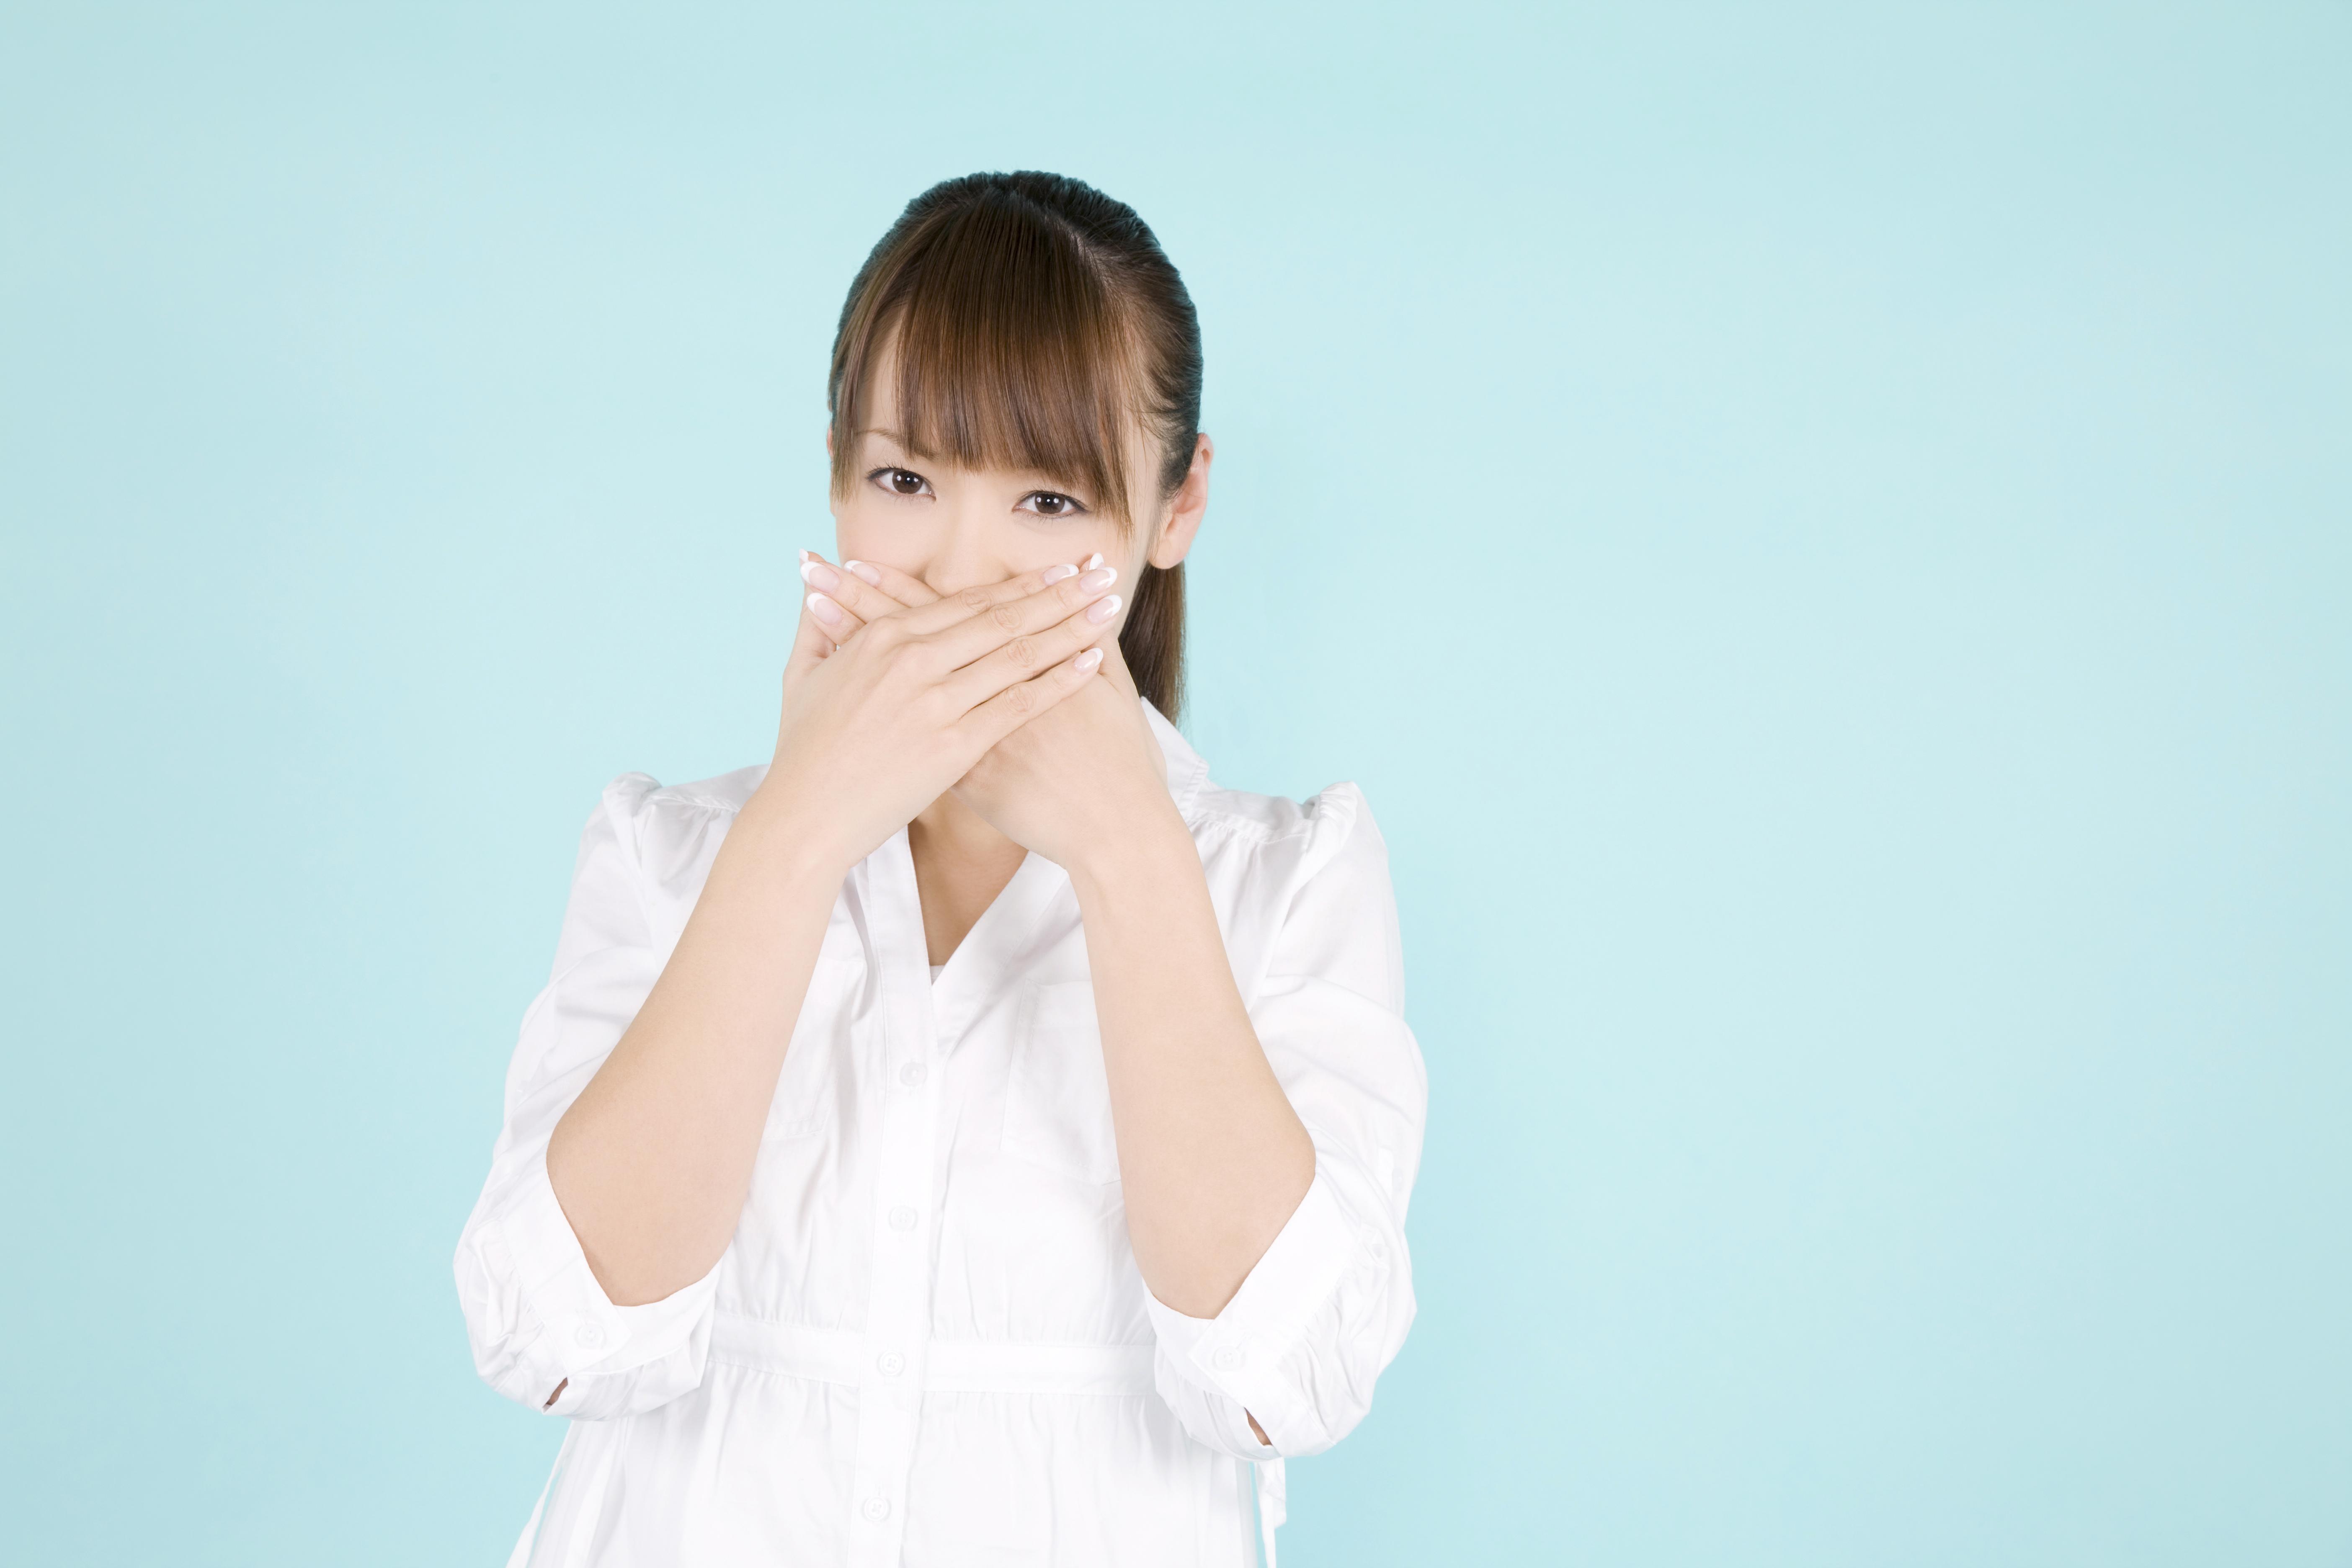 マスク着用時のにおいの原因は口臭?マスク生活で口臭が気になる方へ!口臭の原因と予防・対策方法